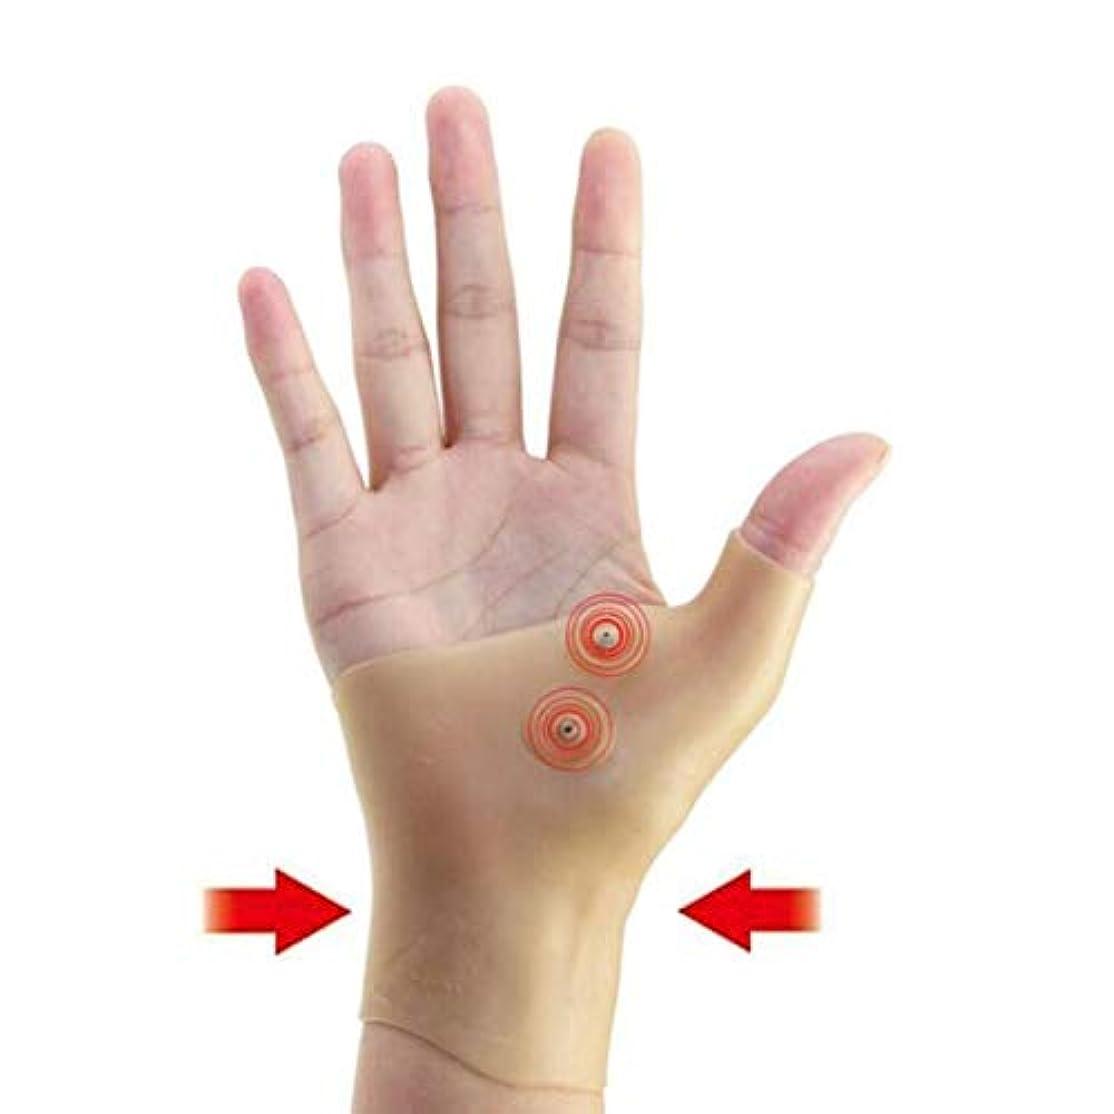 シネマ検査爆発磁気療法手首手親指サポート手袋シリコーンゲル関節炎圧力矯正器マッサージ痛み緩和手袋 - 肌の色